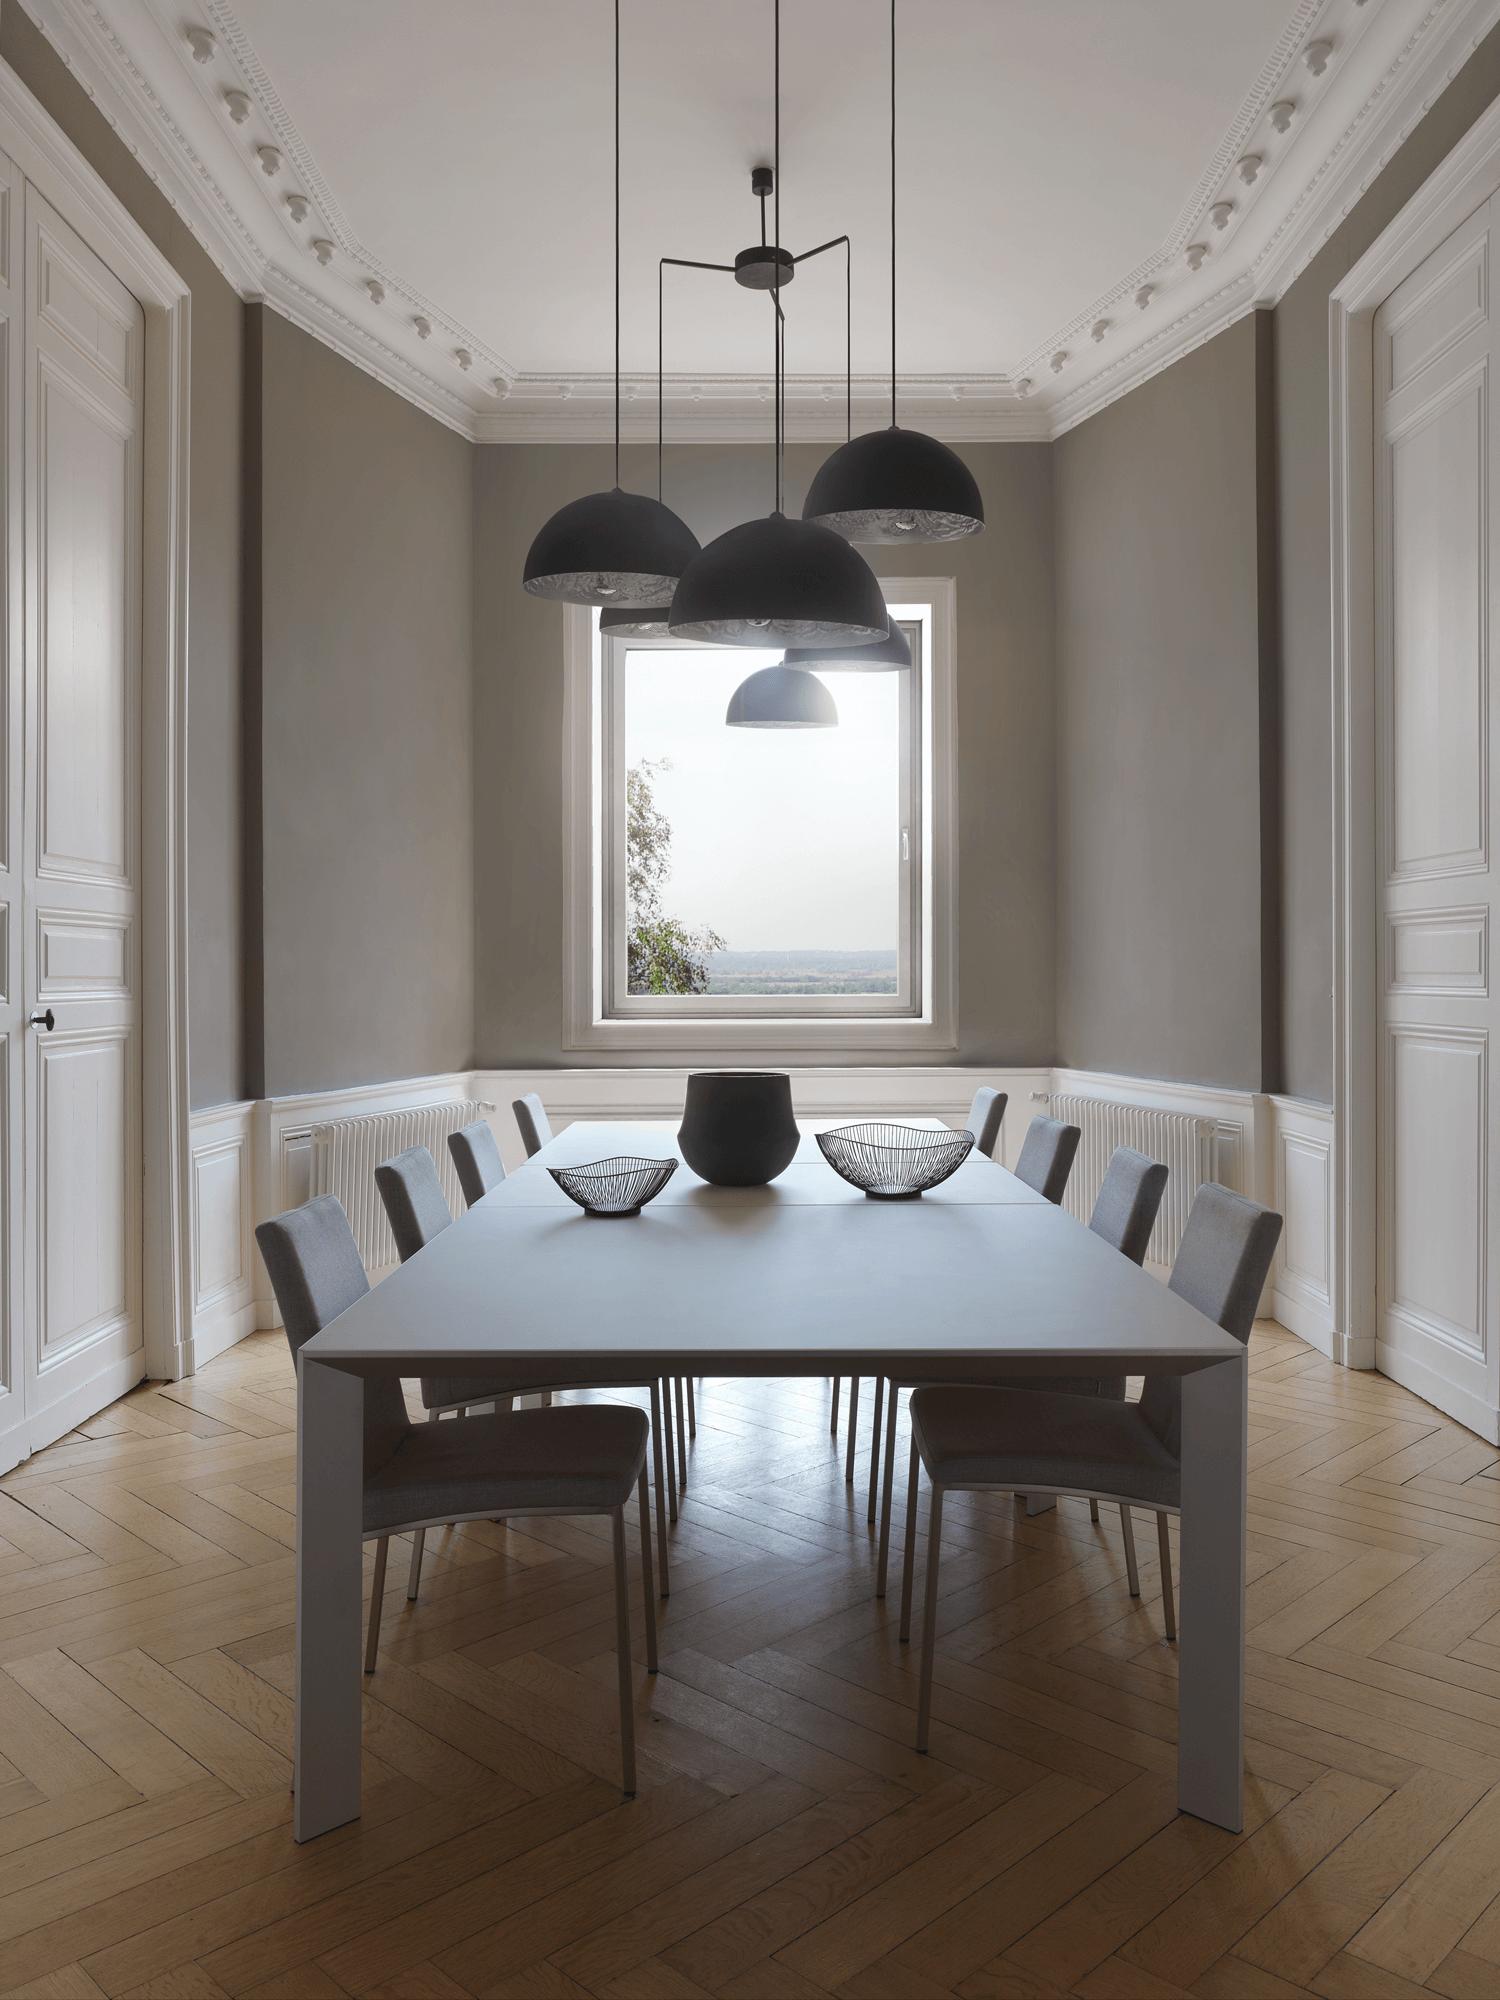 personnalisez le type d 39 ouverture de vos fen tres mixtes so solabaie. Black Bedroom Furniture Sets. Home Design Ideas